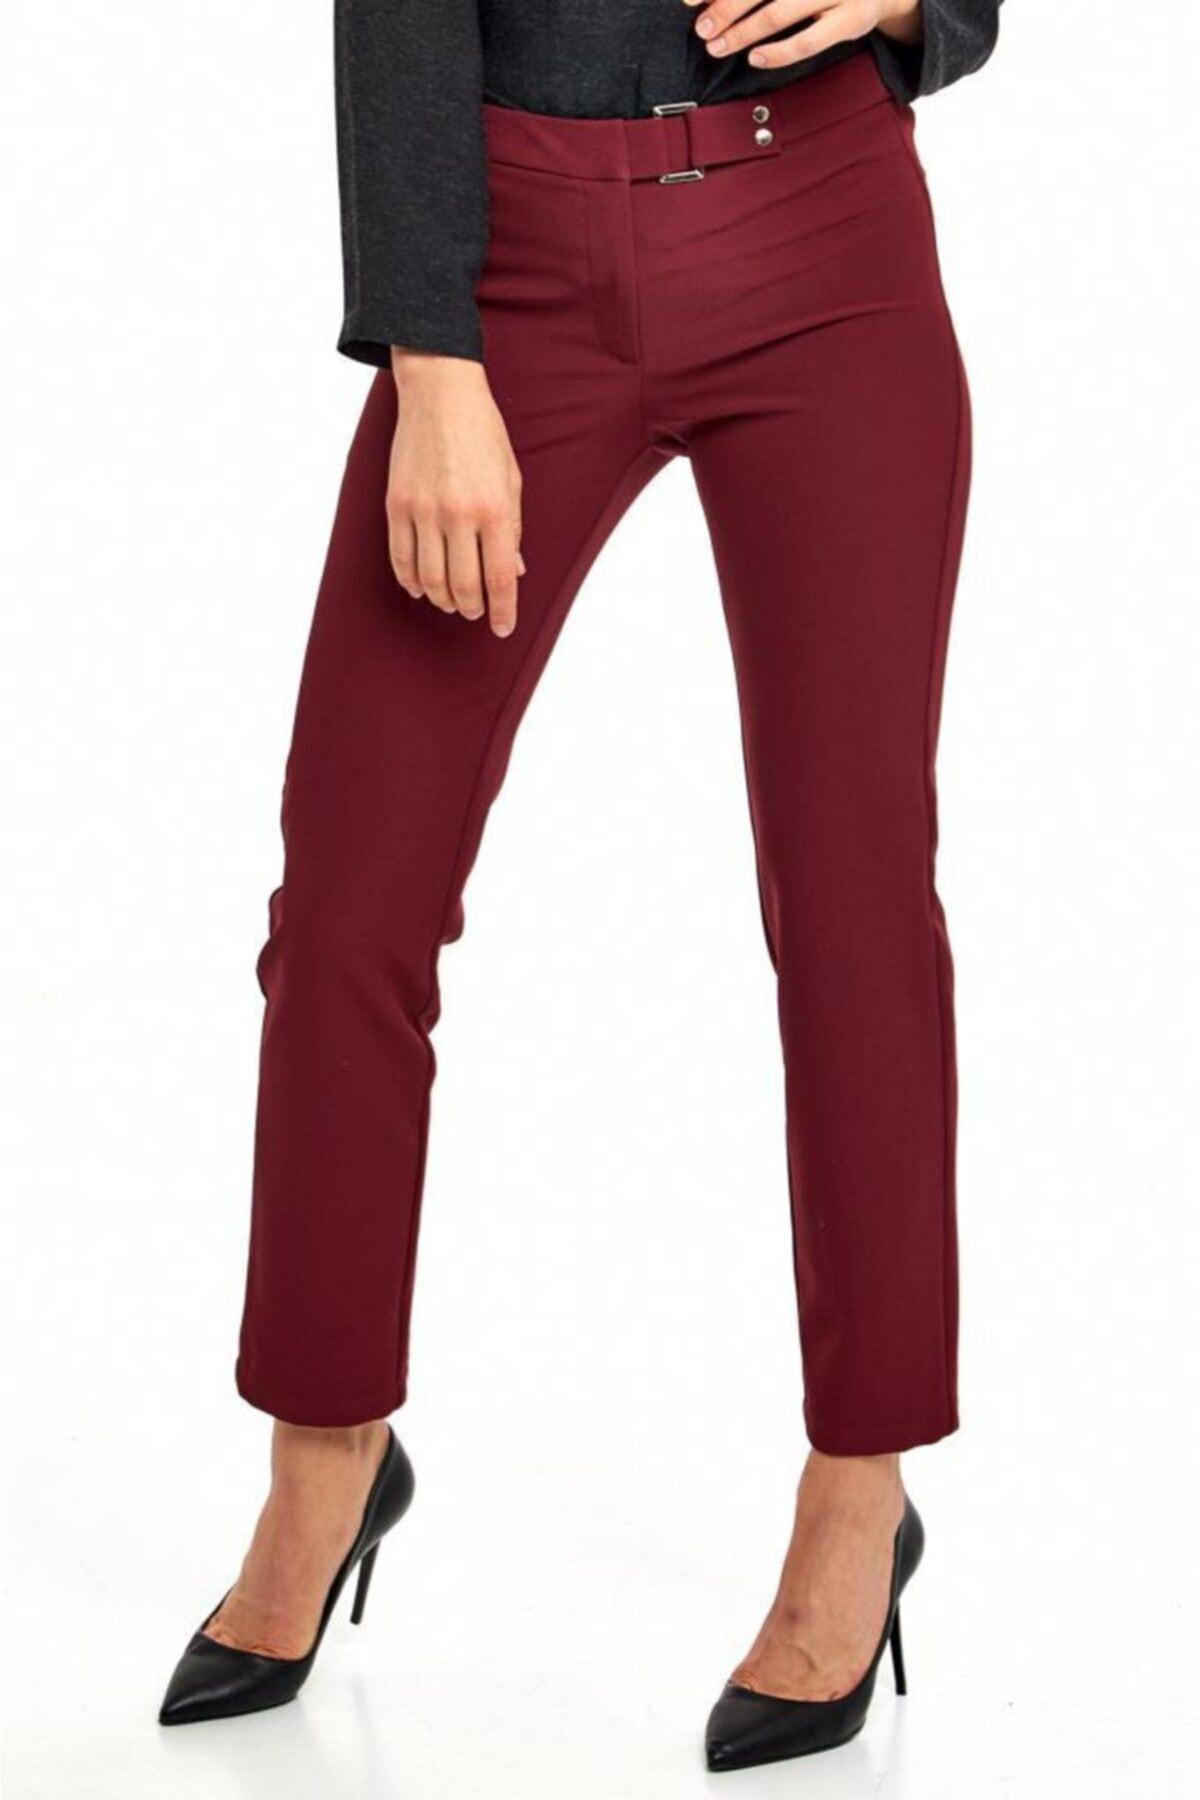 İKİLER Kadın Bordo Beli Tokalı Standart Fit Pantolon 190-3503 1